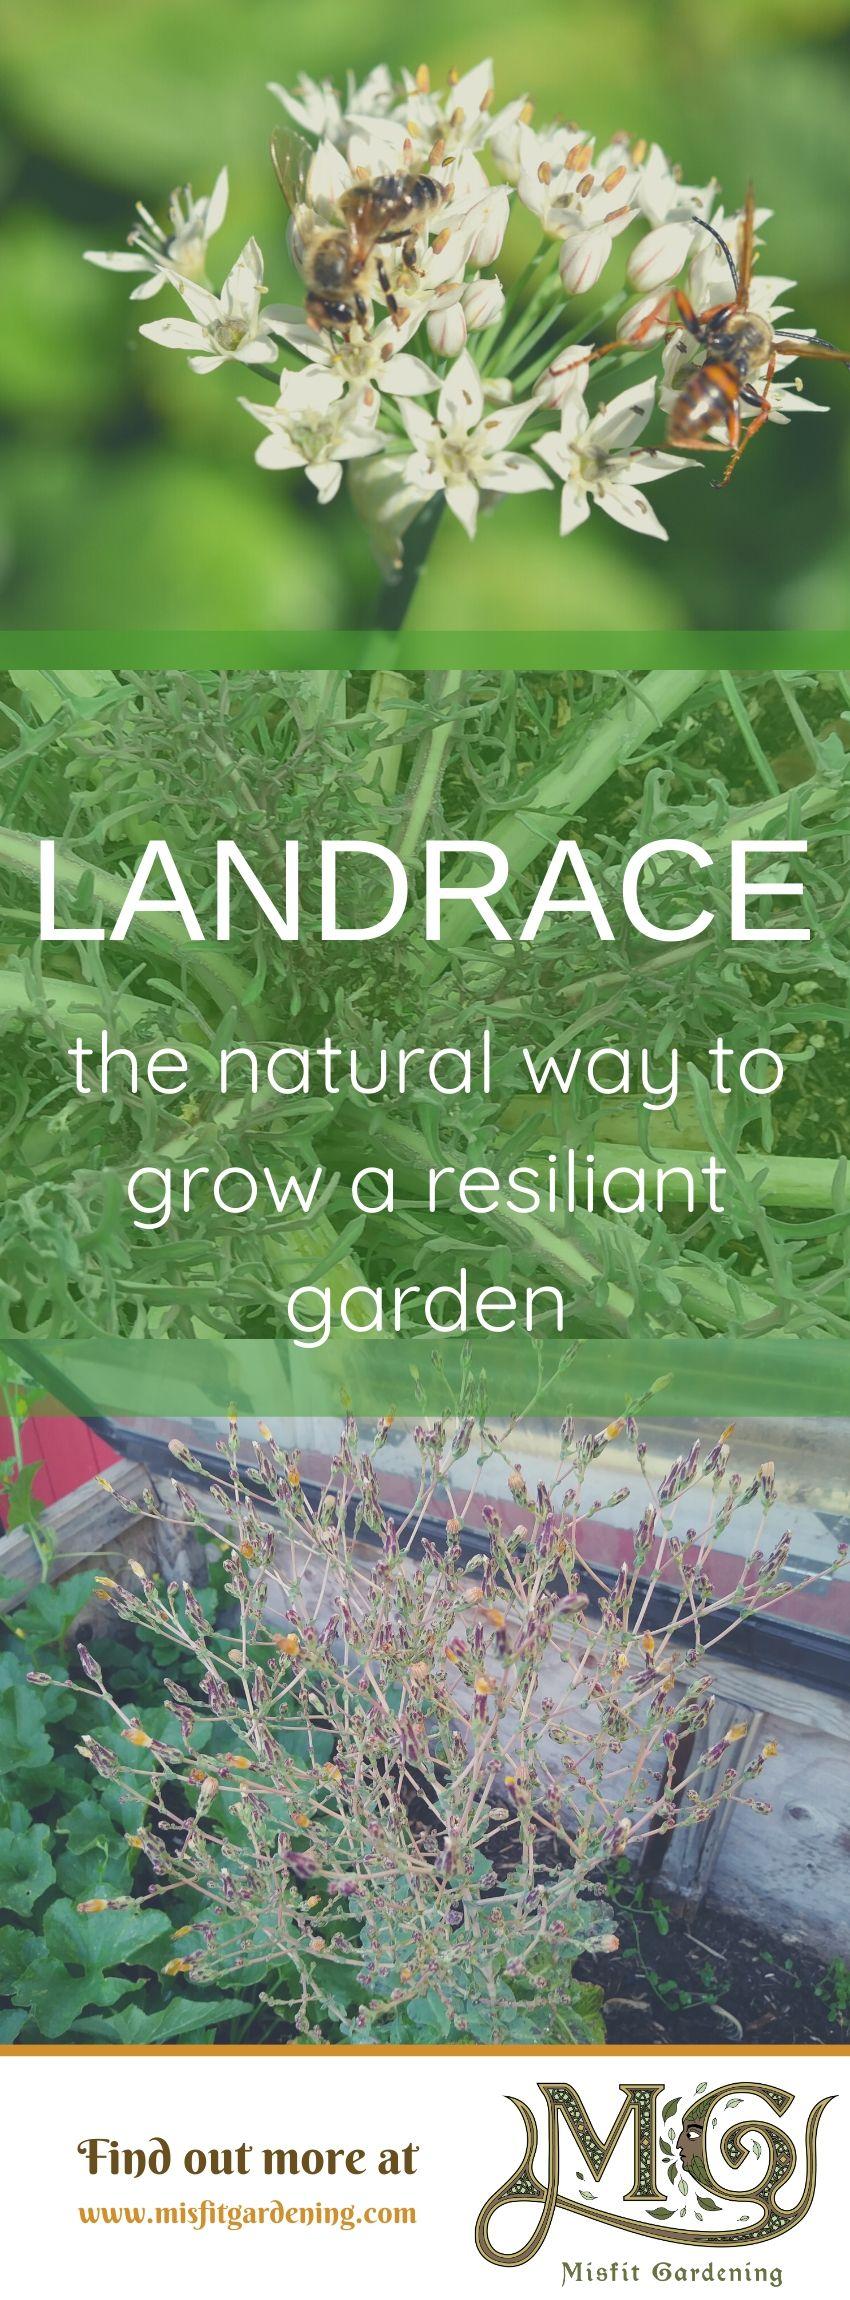 Erfahren Sie, wie ein Landgarten für Sie geeignet sein könnte. Klicken Sie hier, um mehr über Landrassengärten zu erfahren, oder stecken Sie es fest und speichern Sie es für später. #Garten #Nongmo #Haus